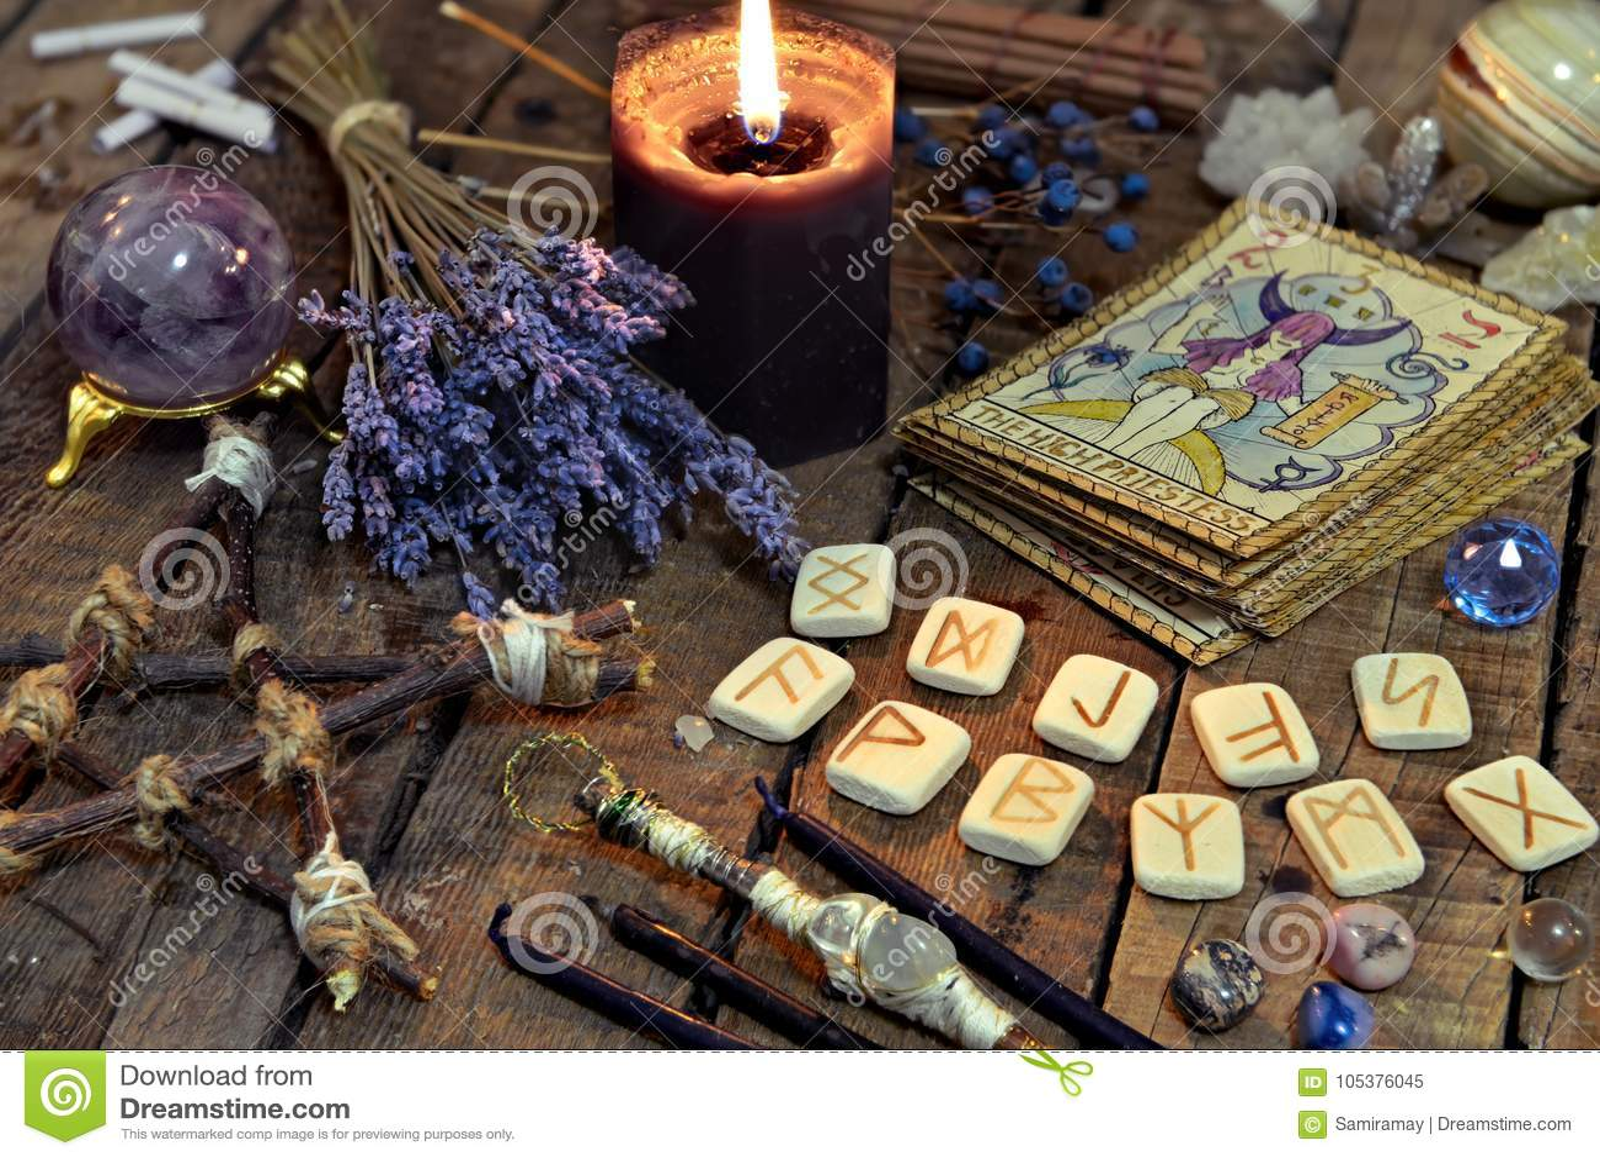 Cartões de tarô, runas antigas, vela preta e pentagram